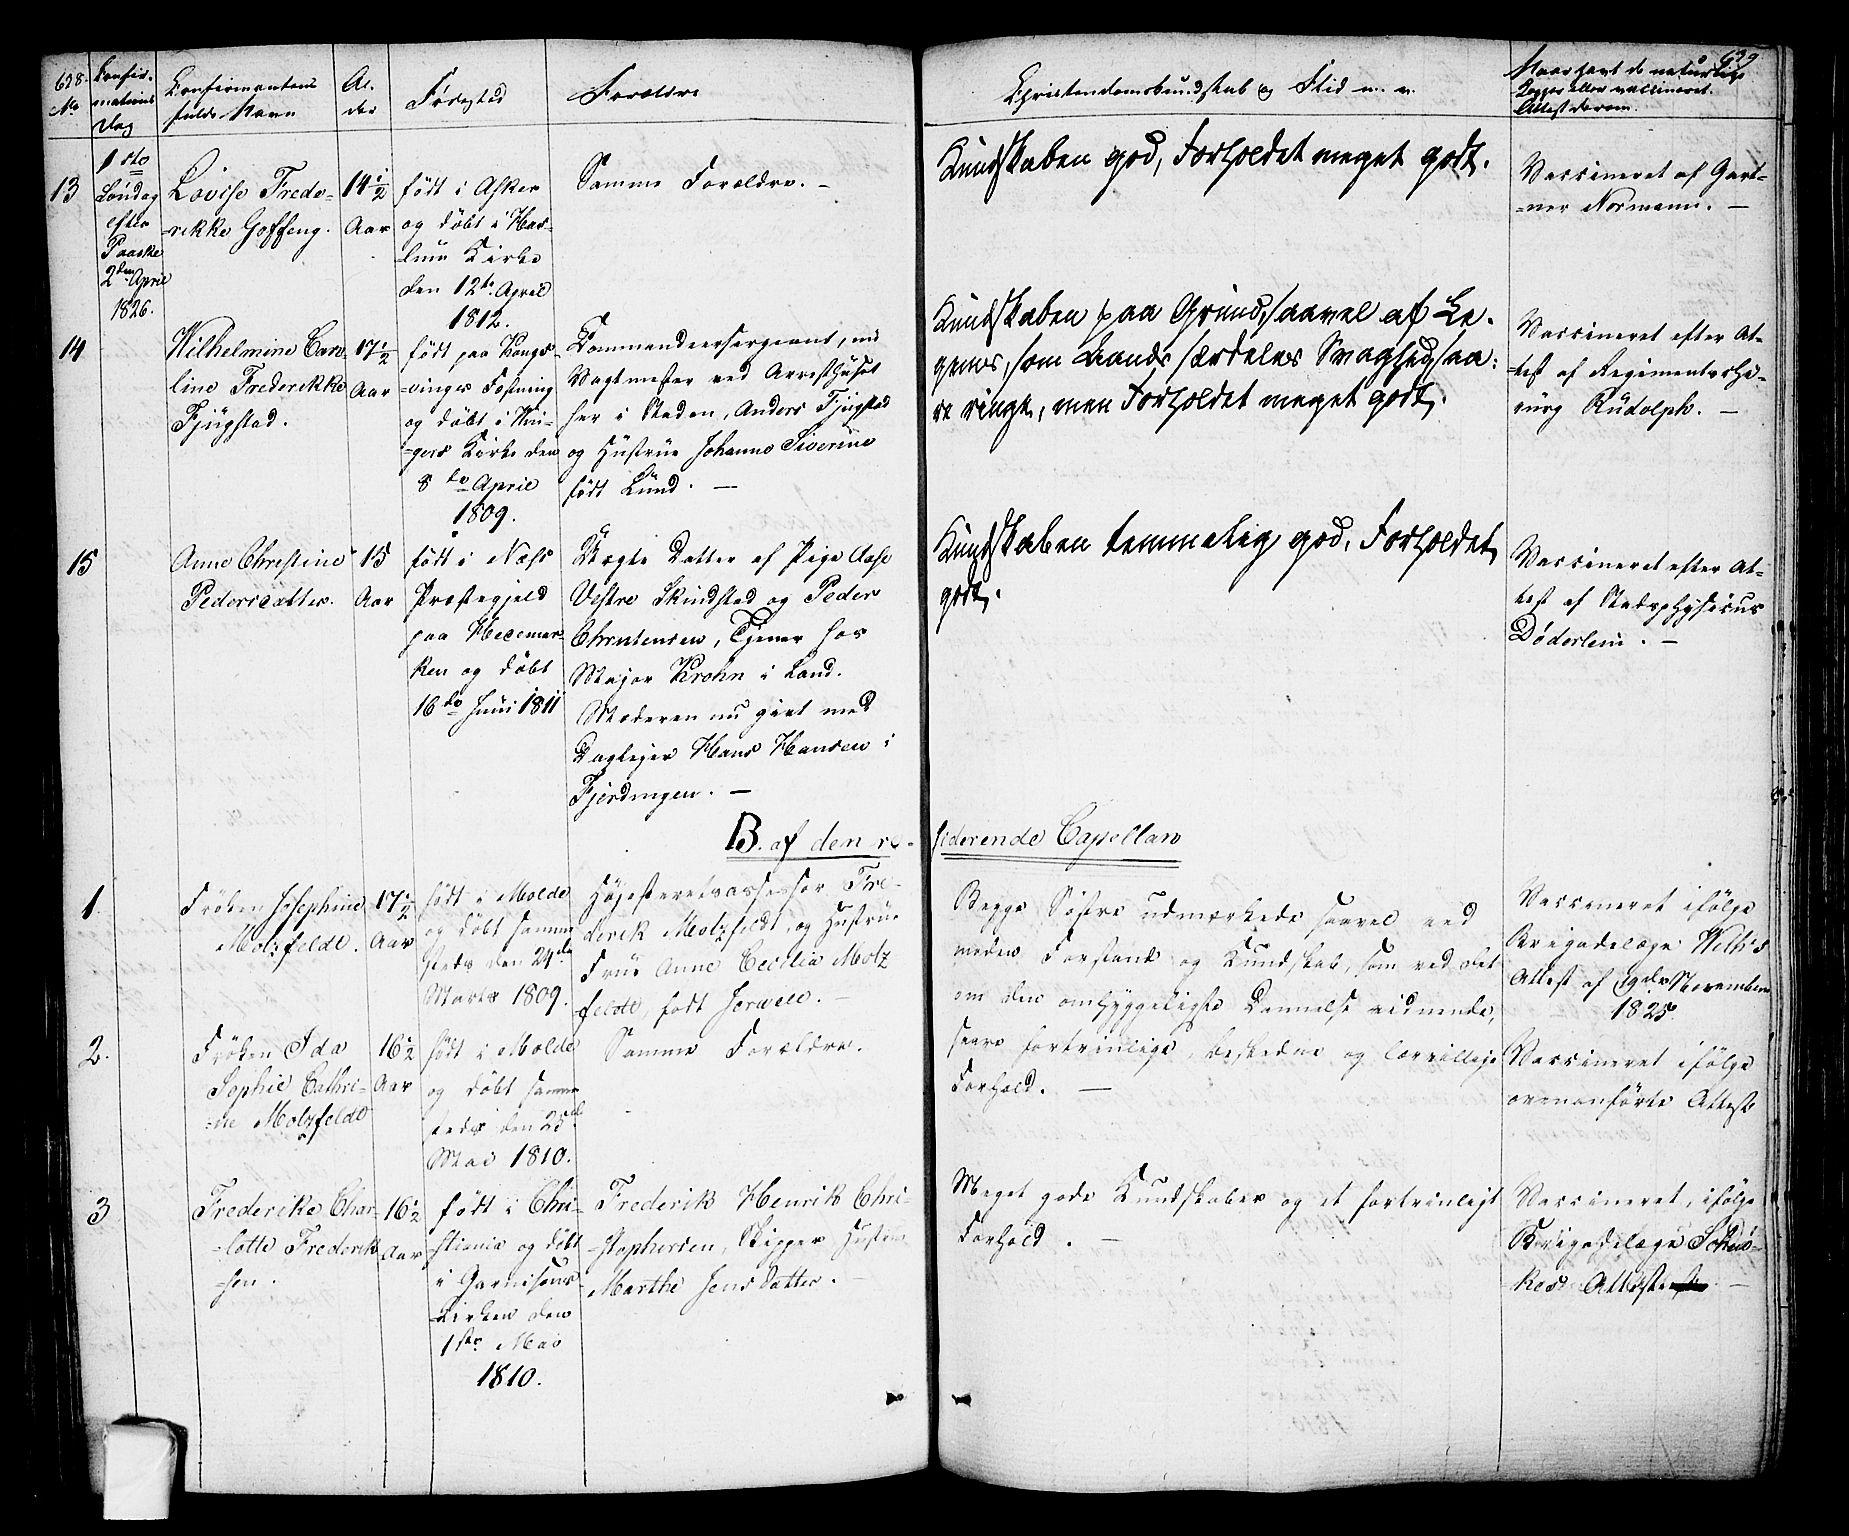 SAO, Oslo domkirke Kirkebøker, F/Fa/L0010: Ministerialbok nr. 10, 1824-1830, s. 638-639